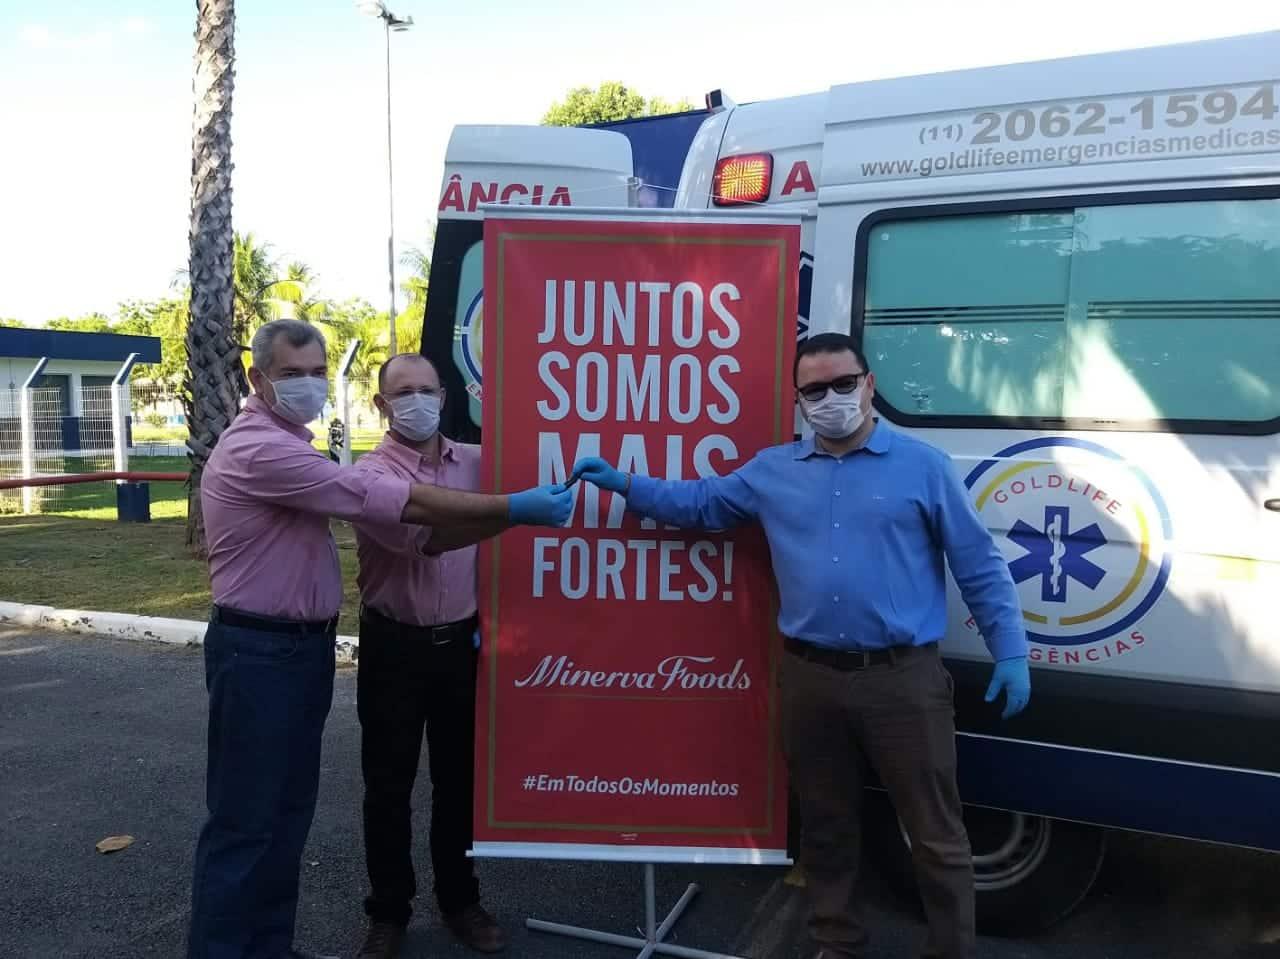 Norte de Minas - Minerva Foods estende aluguel de UTI Móvel até setembro e investe mais de R$ 100 mil em doações no município de Janaúba e região